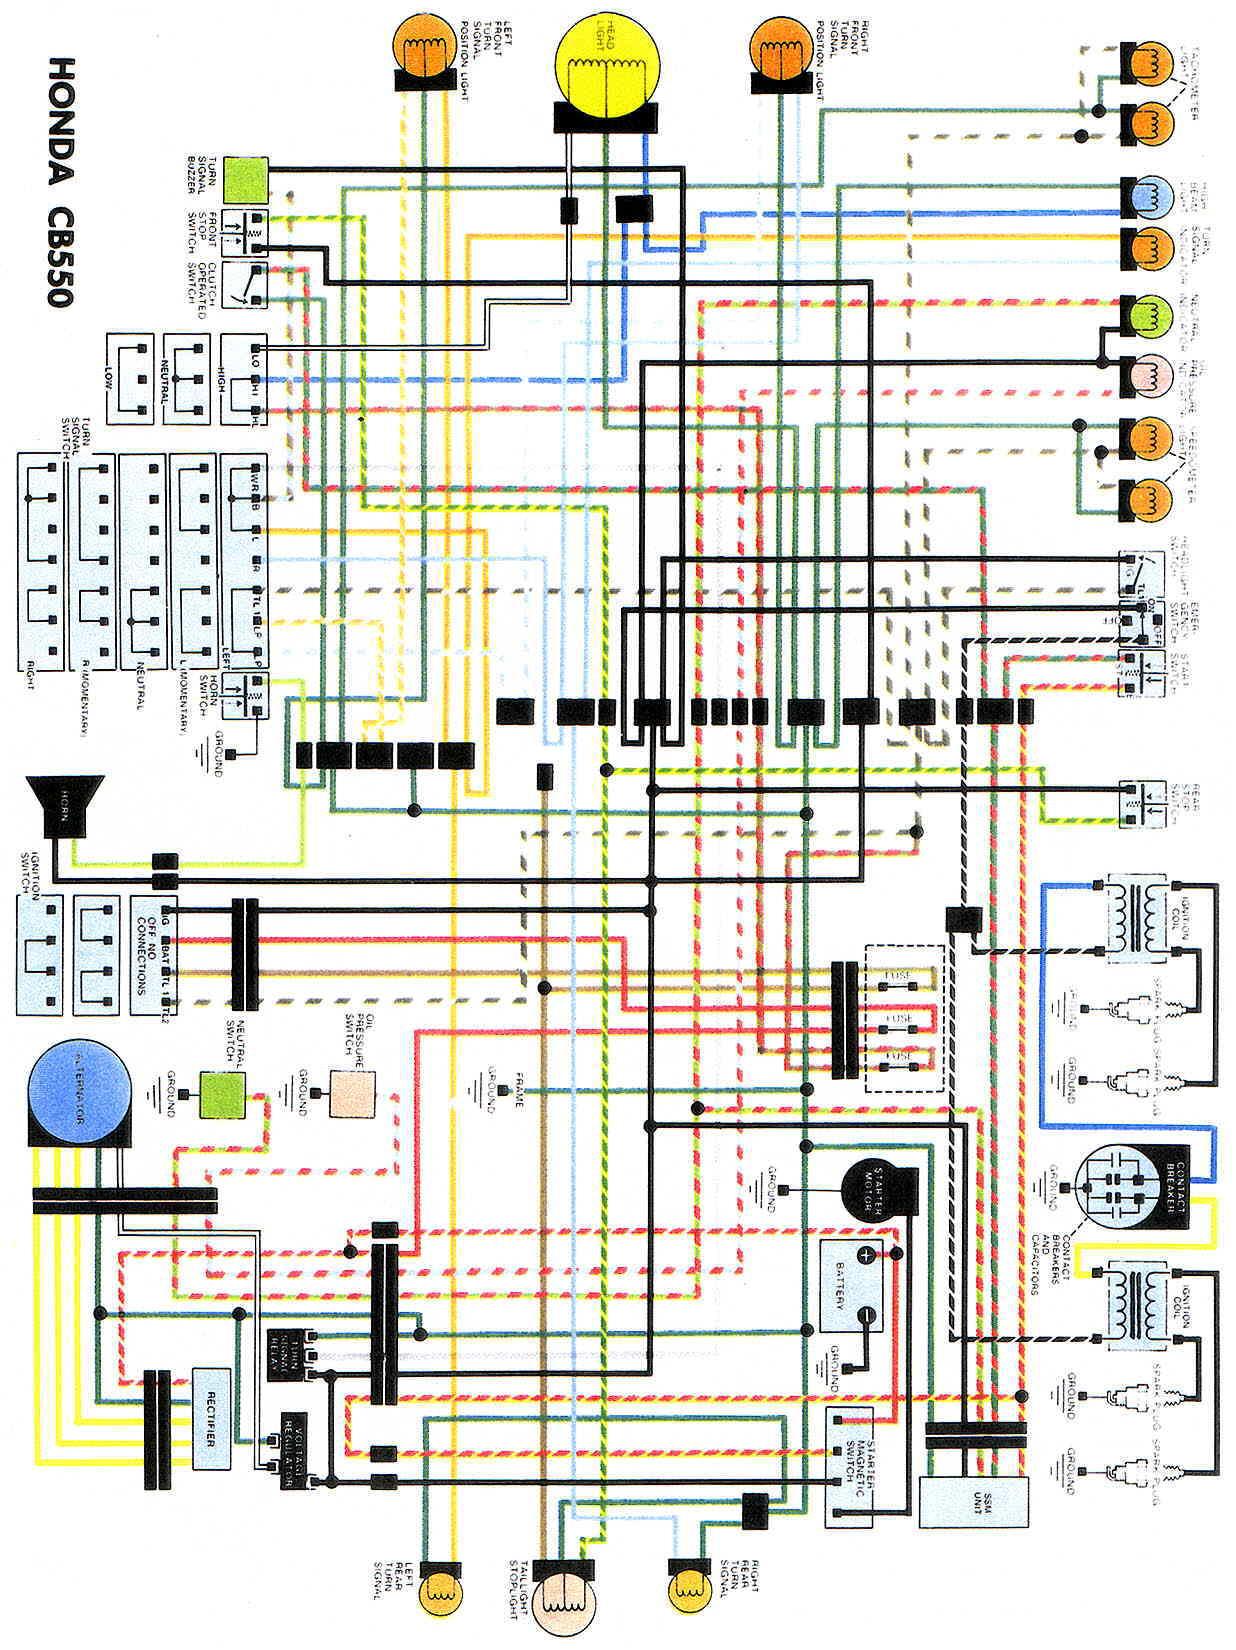 1980 honda cb400t wiring diagram e30 stereo best library 78 cb400 data cmx450c